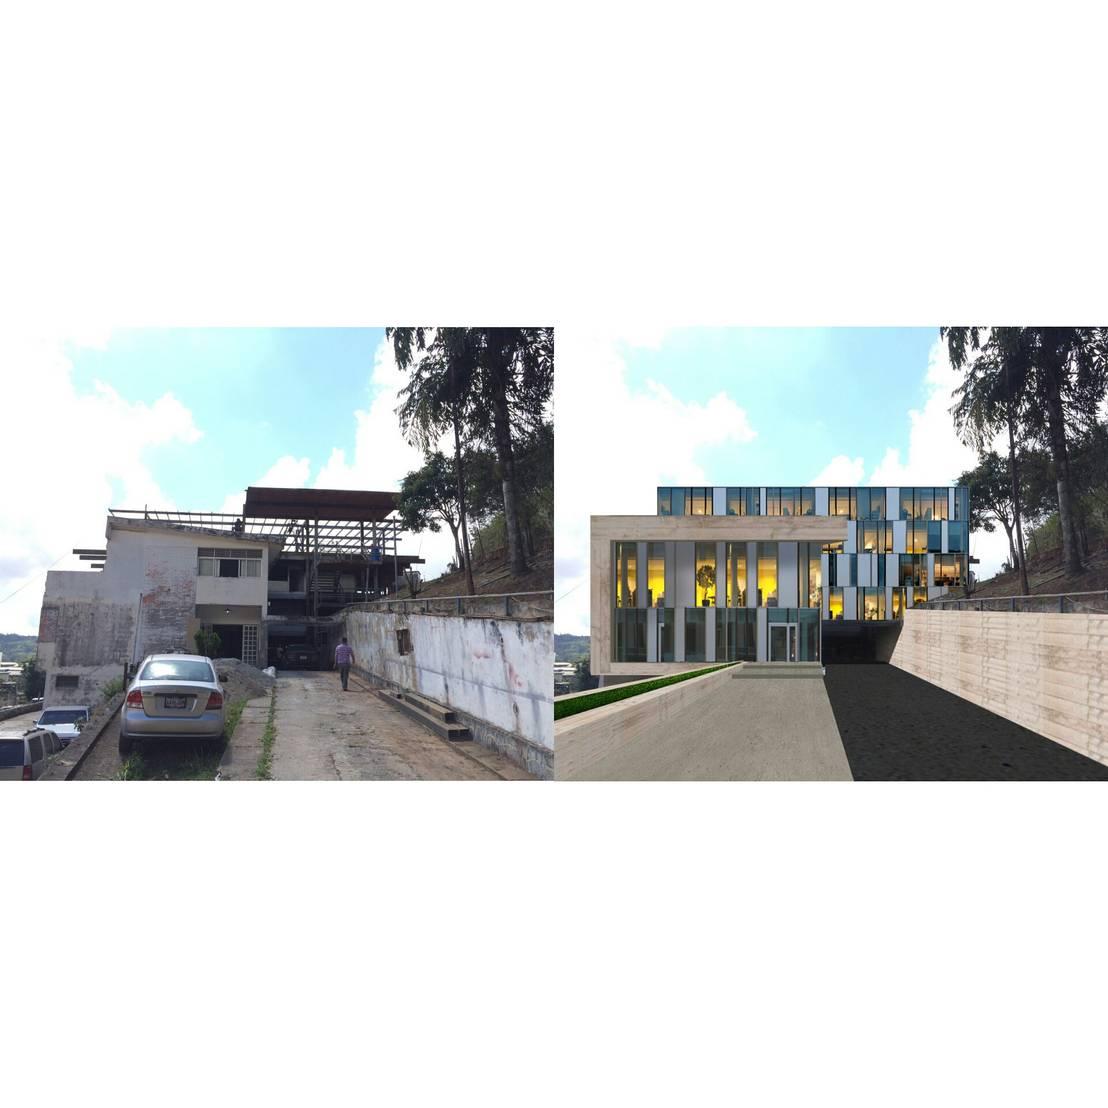 Oficinas centrales de instalaciones deportivas por for Blau hotels oficinas centrales